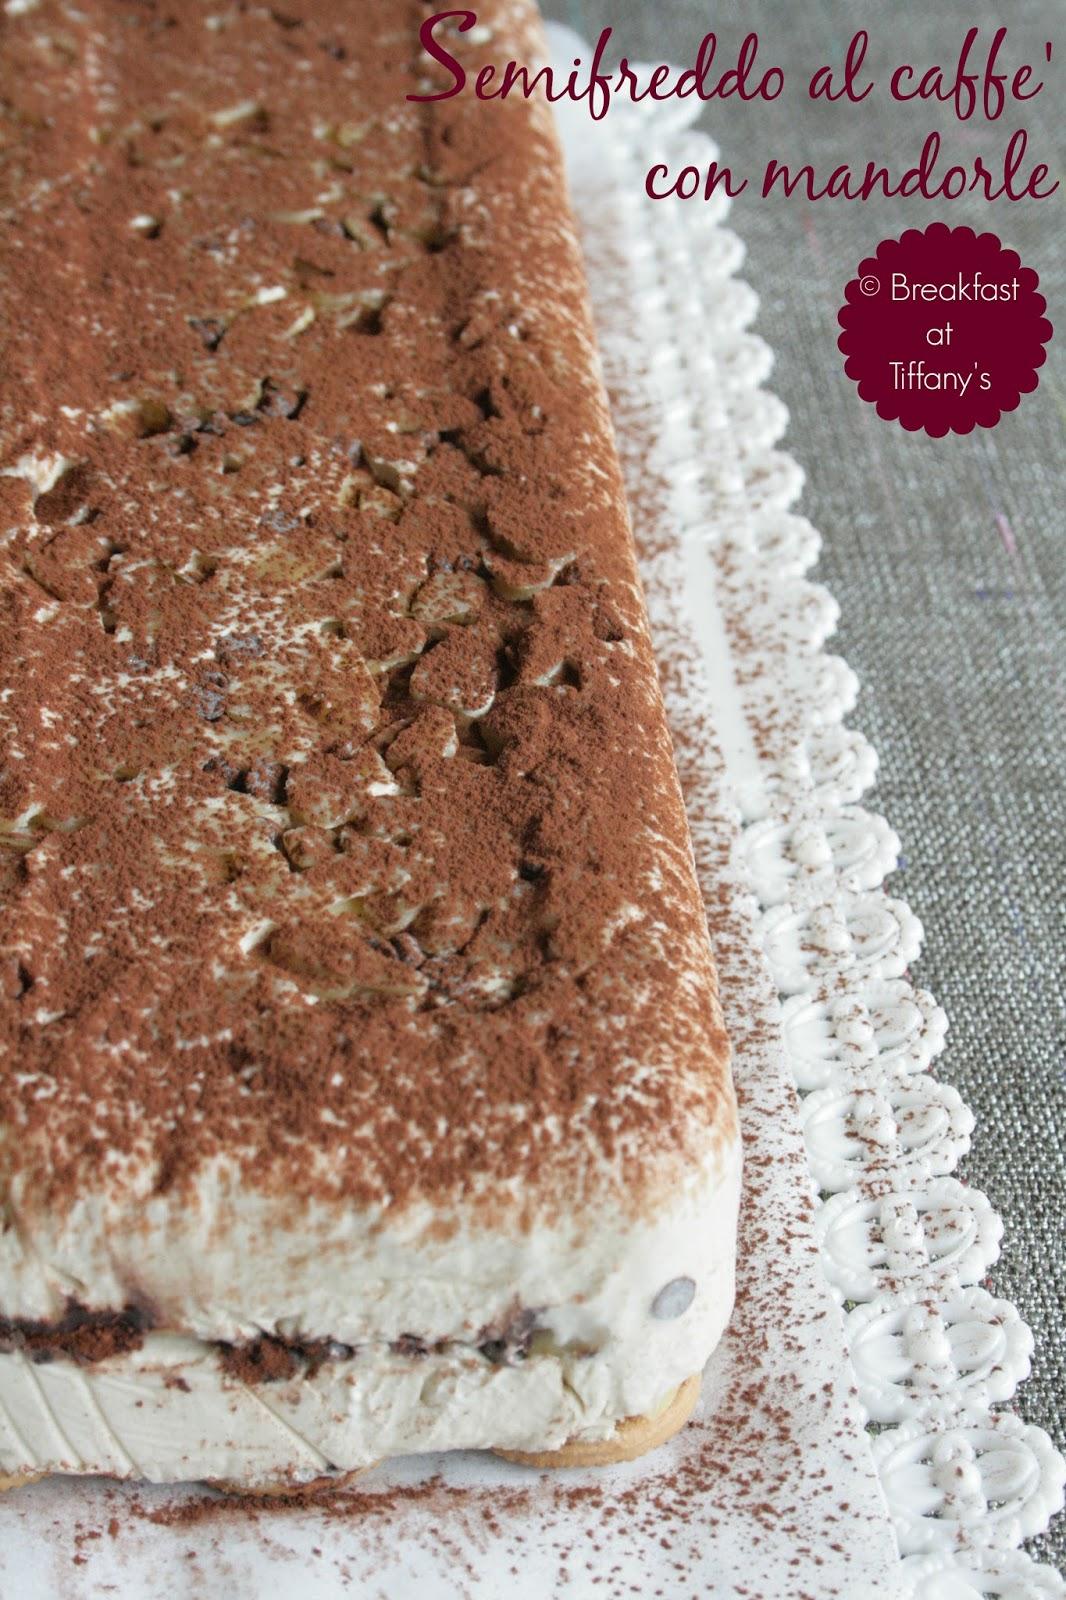 semifreddo al caffè con mandorle / coffe frozen dessert with almonds recipe